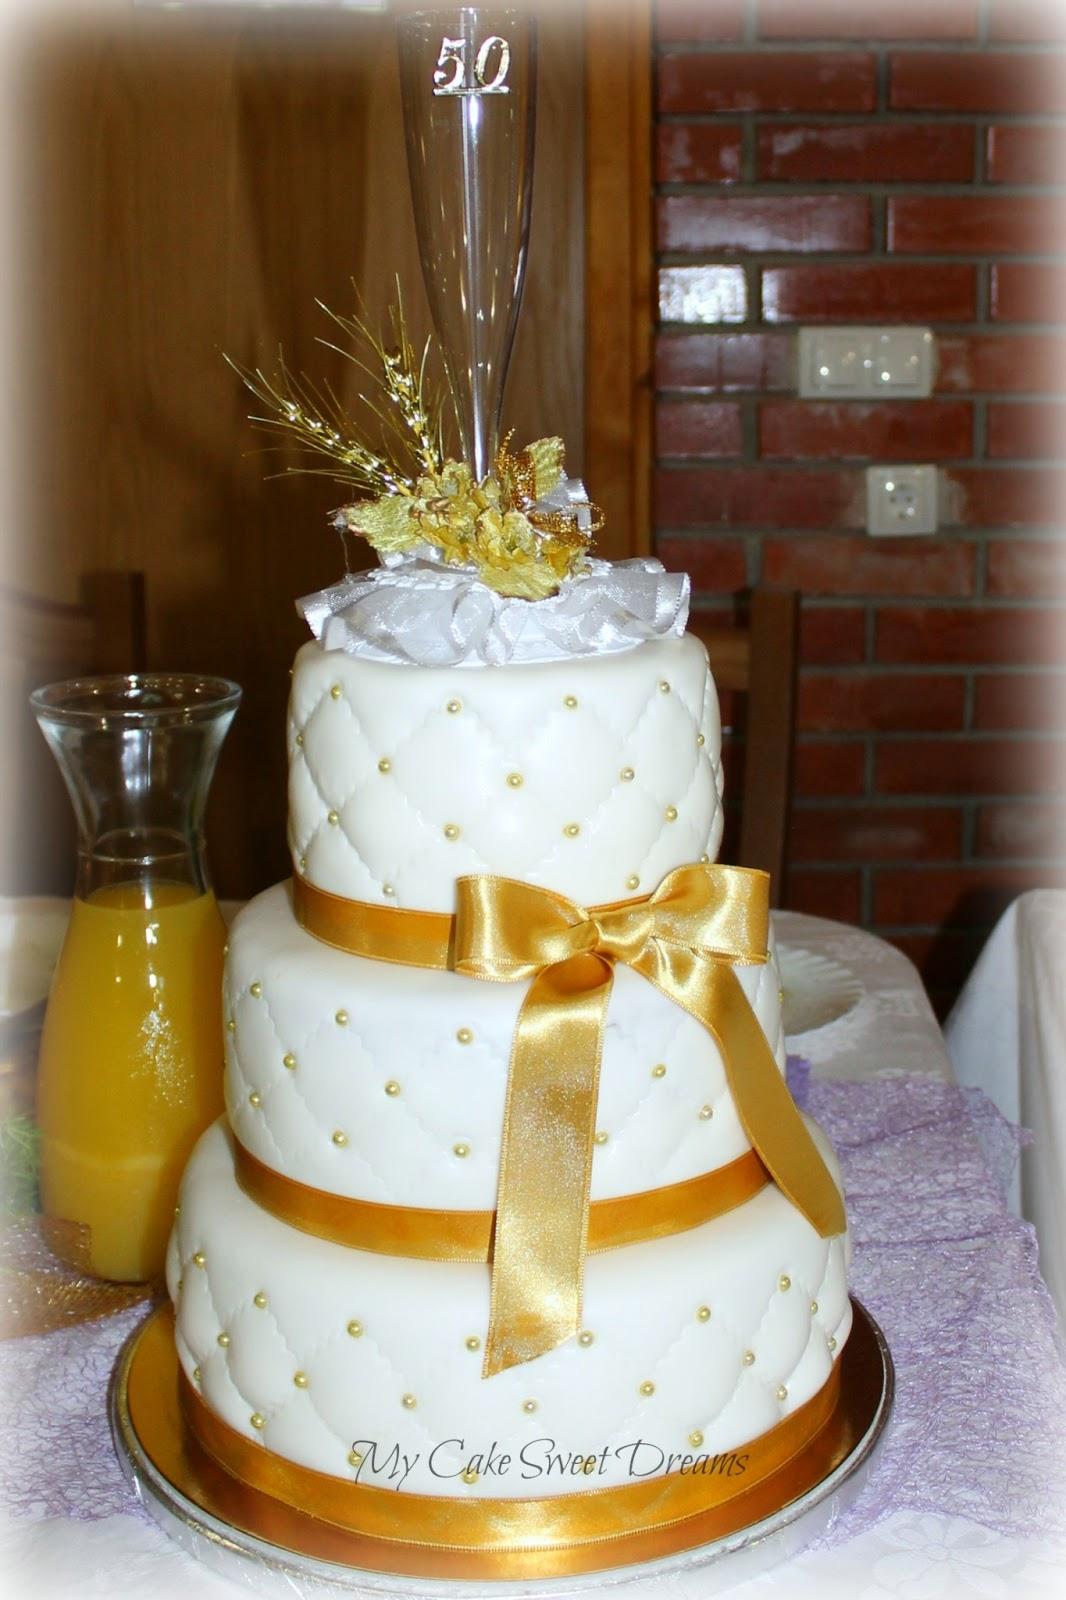 My Cake Sweet Dreams: December 2012